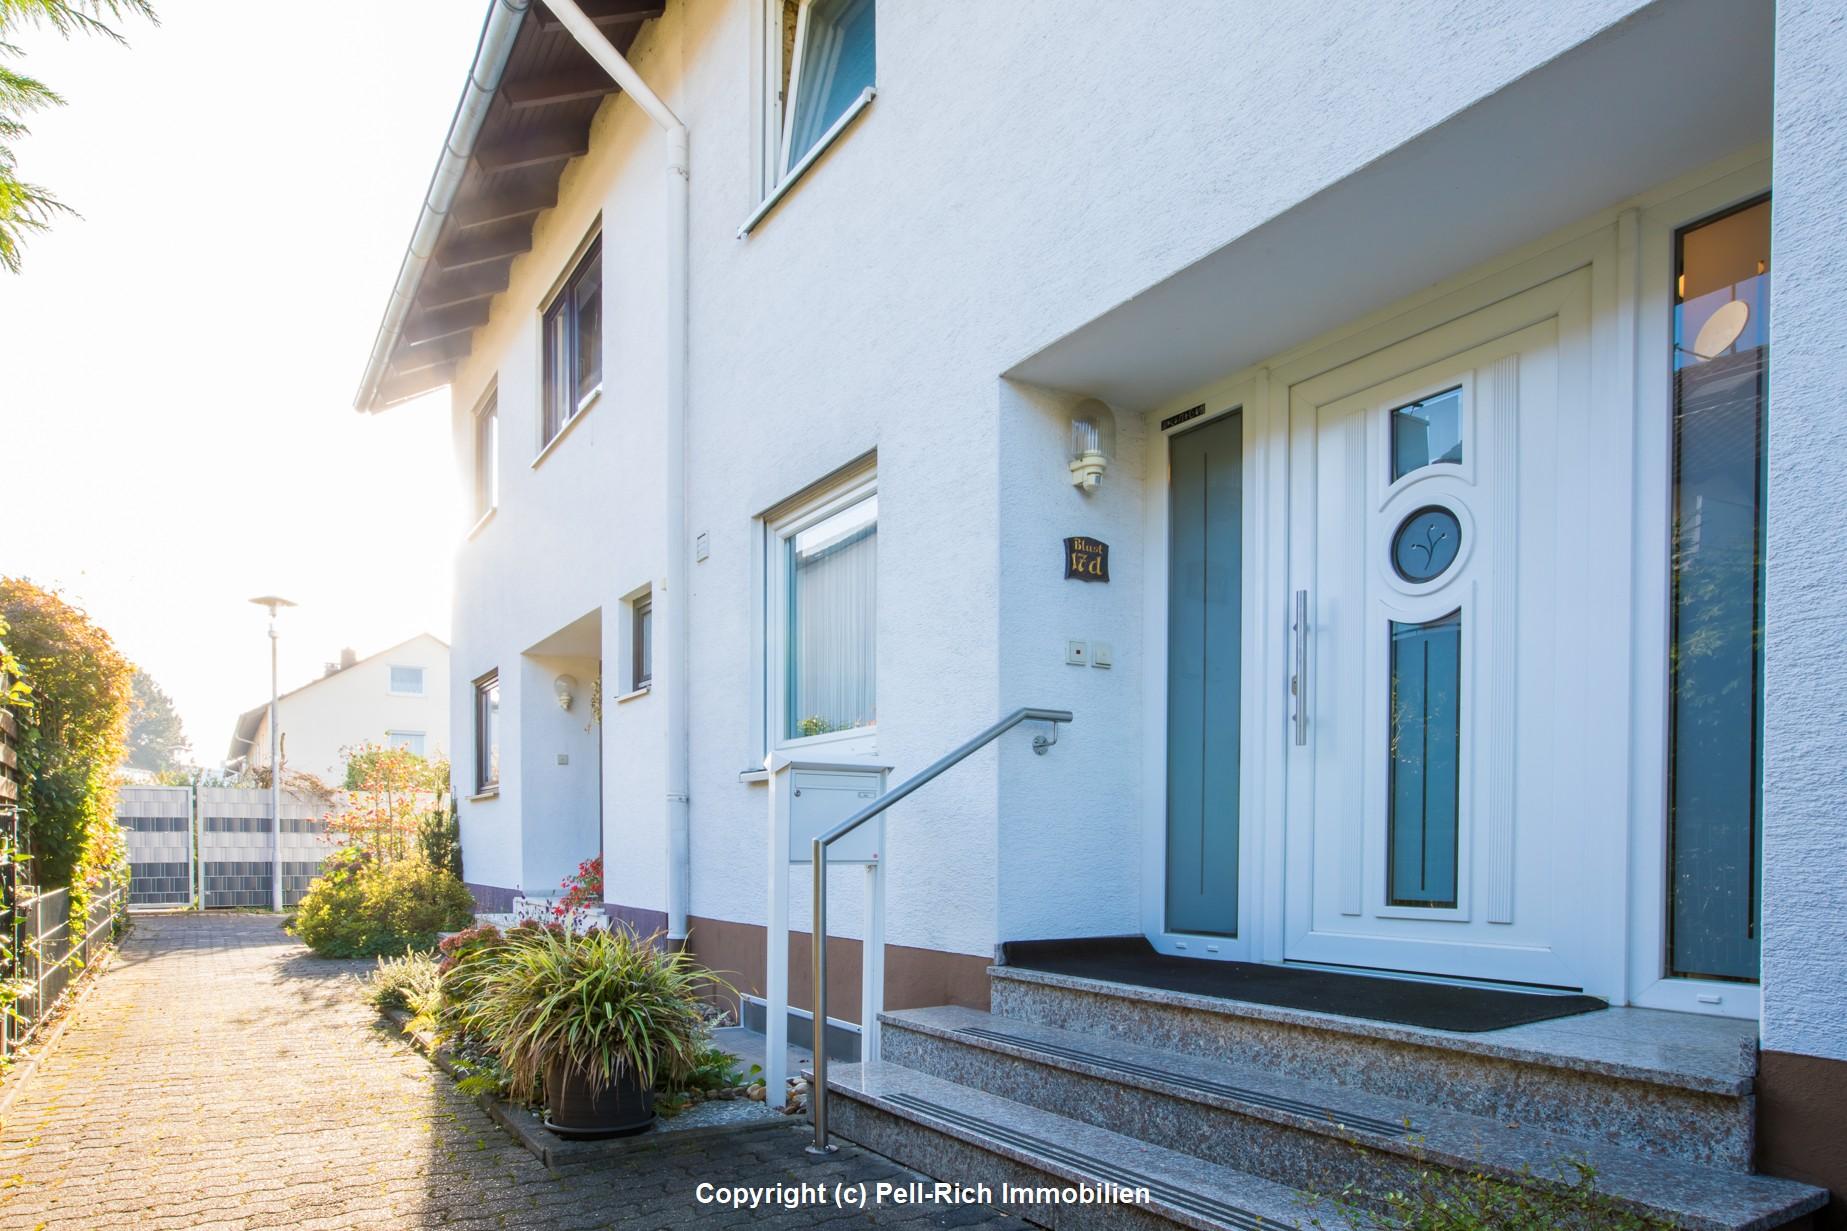 TANZT AUS DER REIHE: Gepflegtes Reihenmittelhaus in gefragter Wohnlage von Leopoldshafen